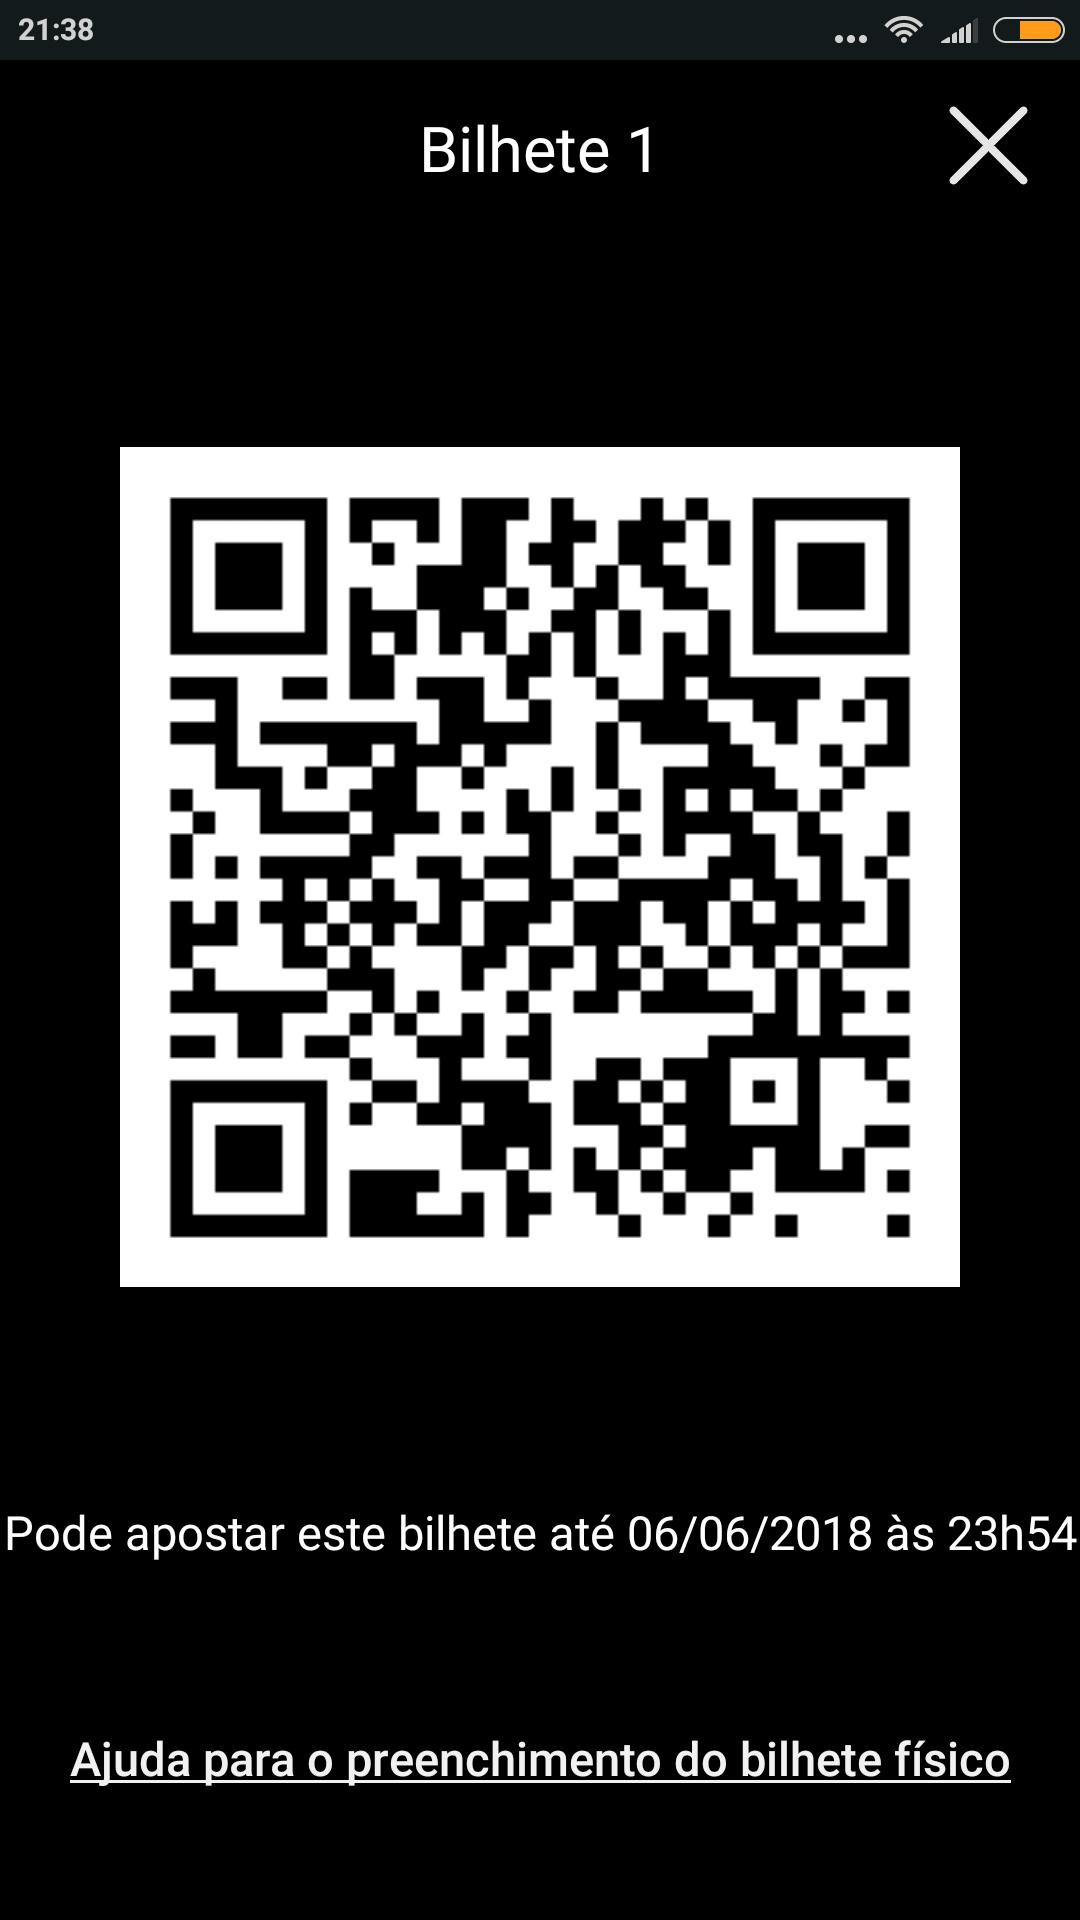 thumbnail_Screenshot_2018-06-06-21-38-21-145_pt.scml.placard.jpg-min